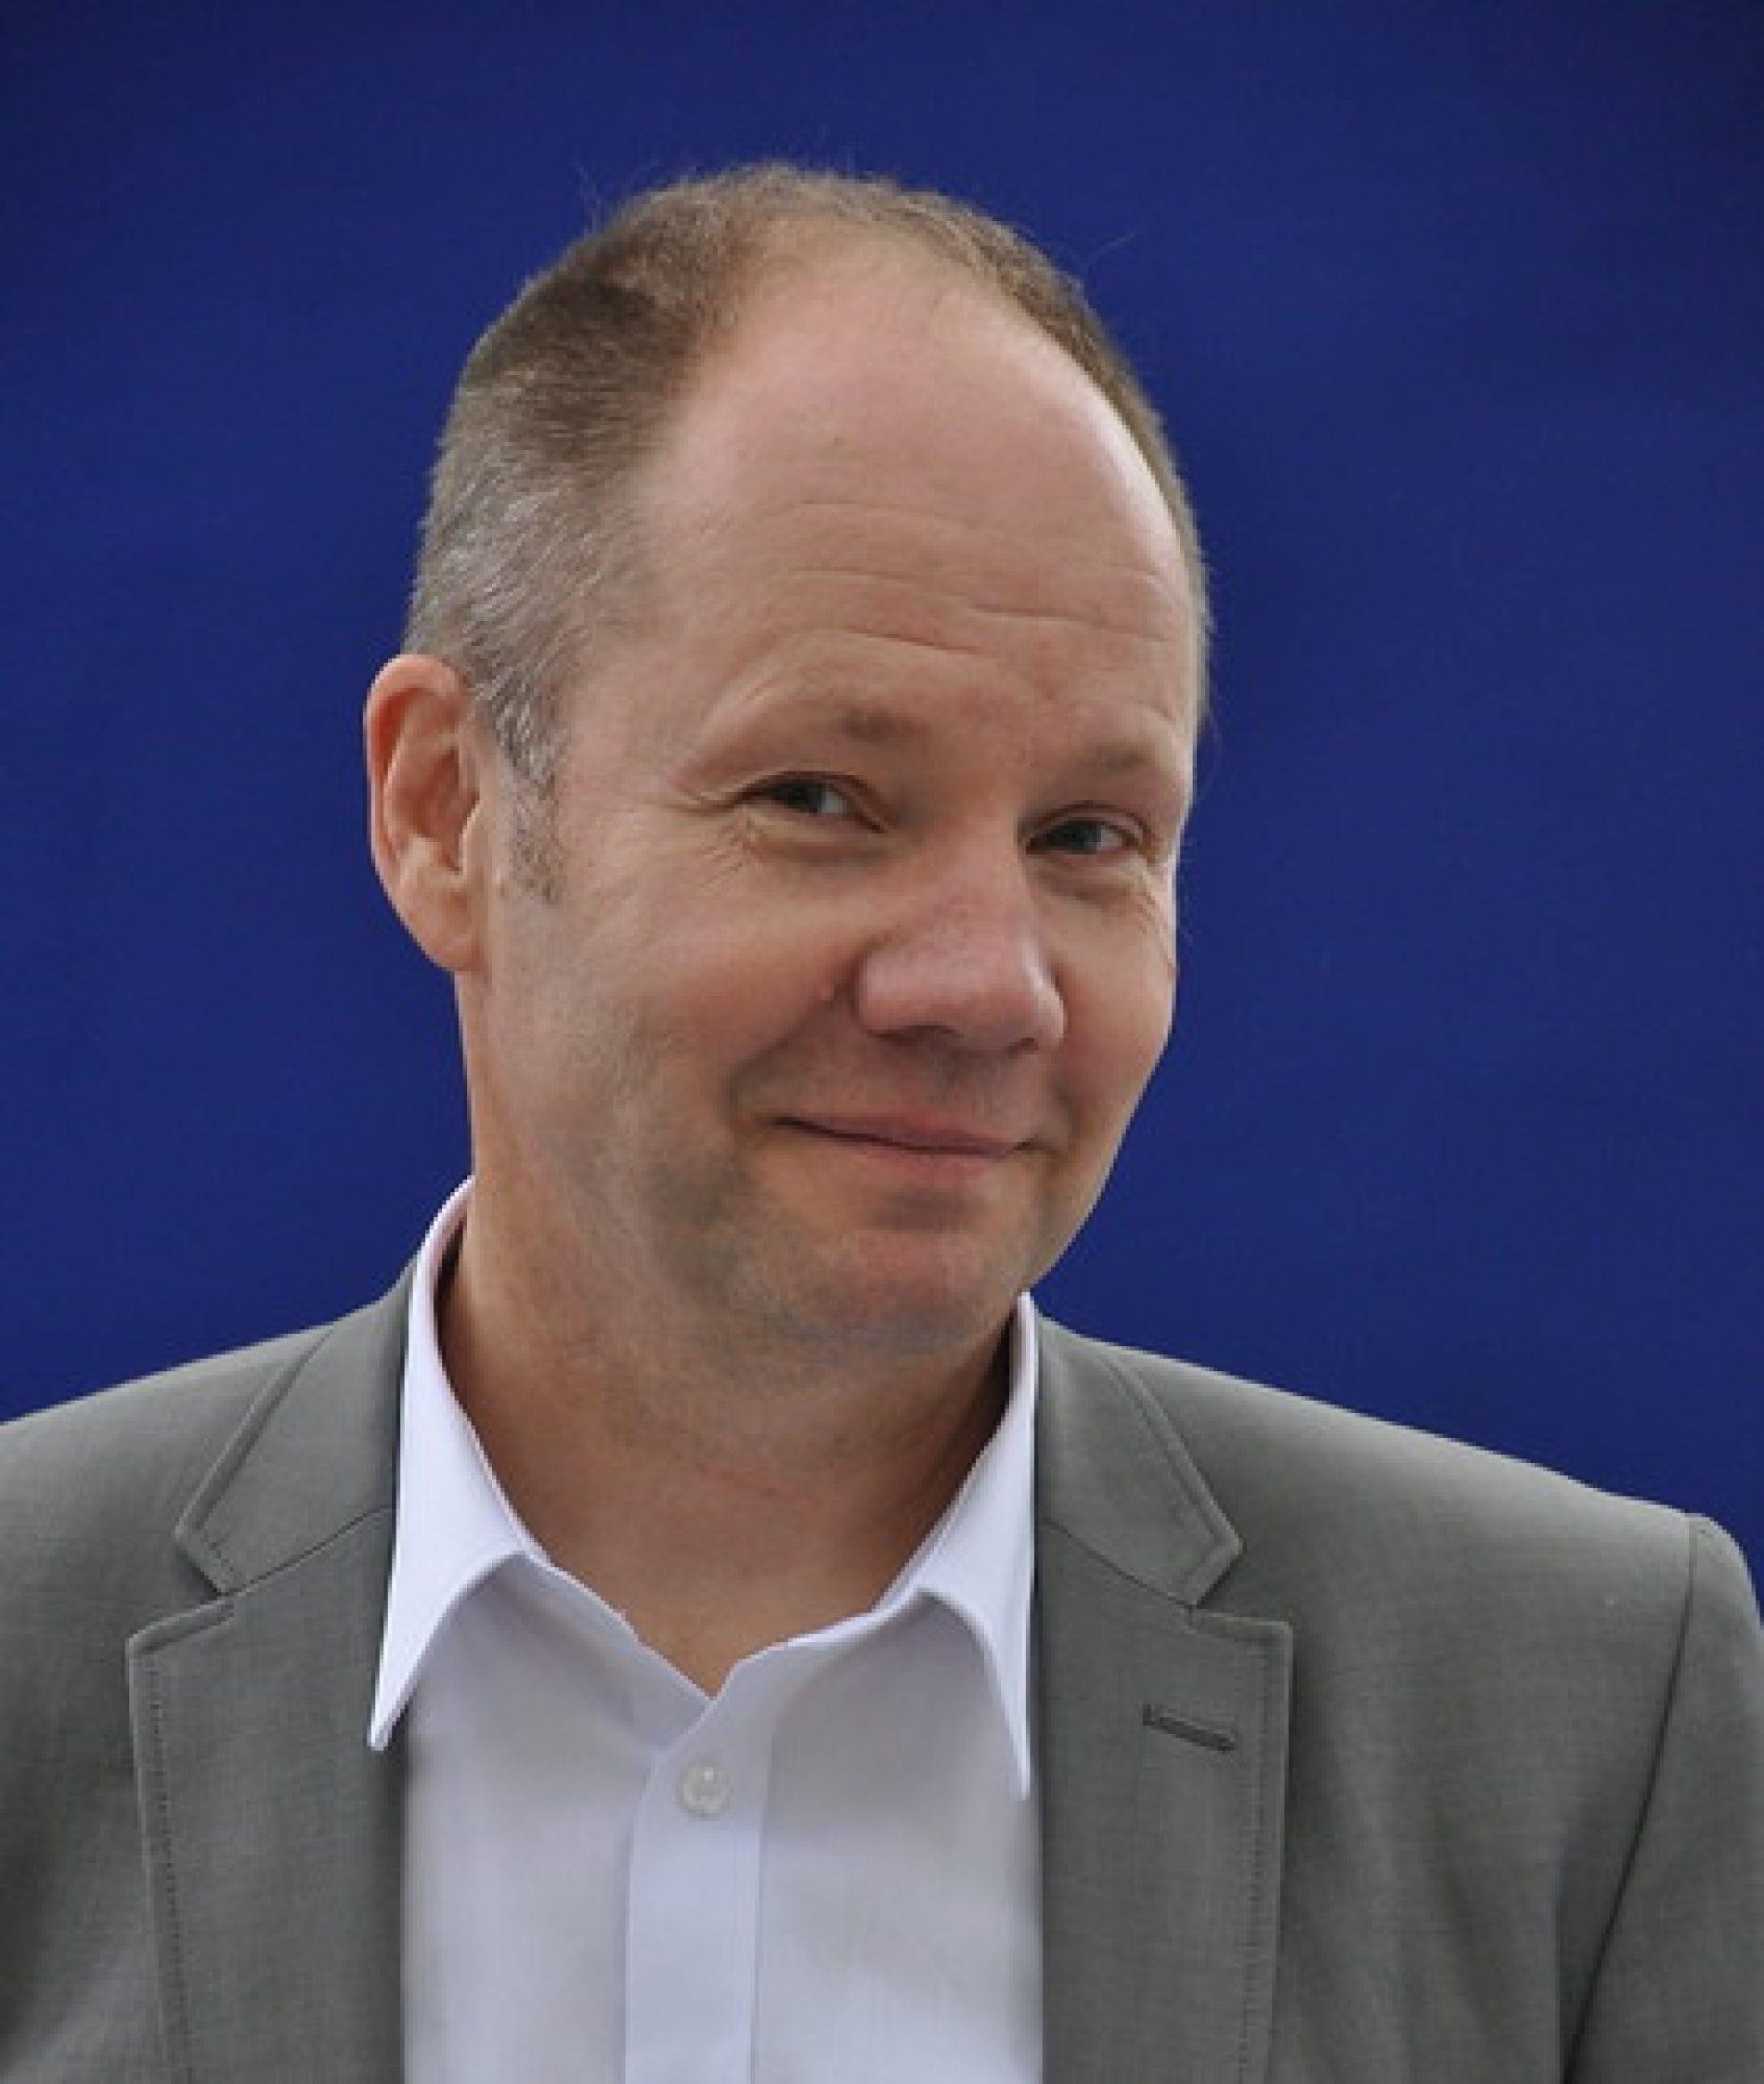 Švedski akademik Peter Englund će bojkotovati dodjelu Nobelove nagrade za književnost